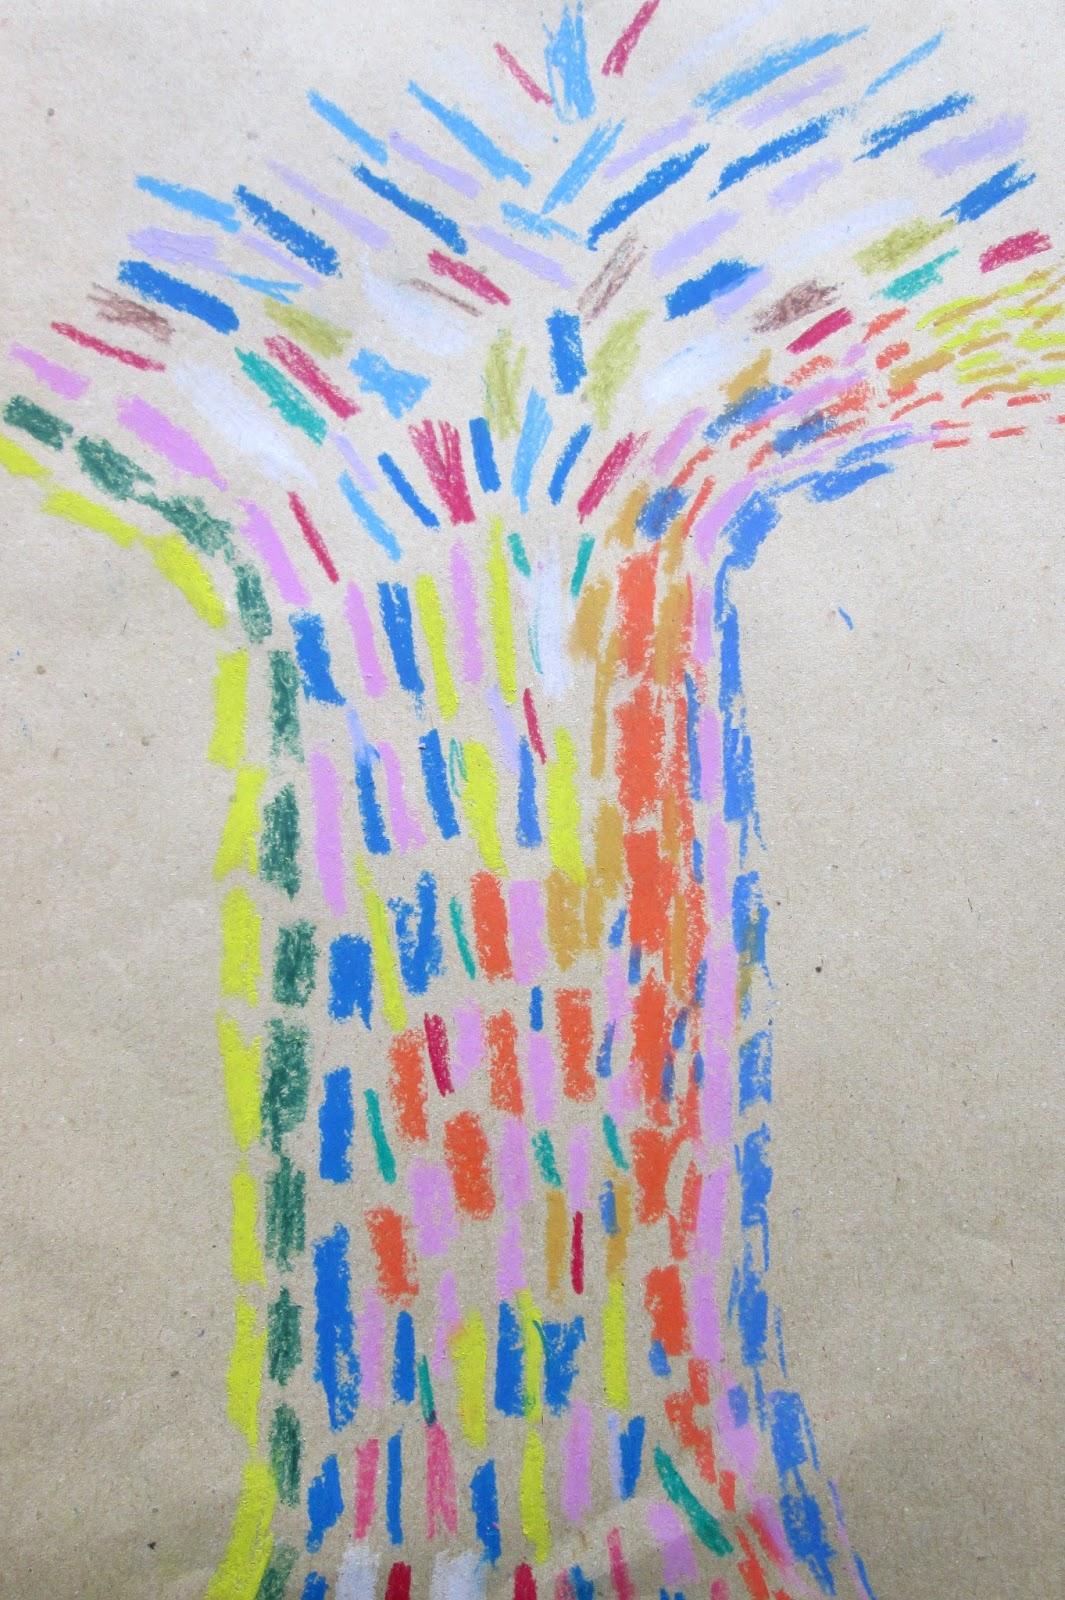 Bambini colori emozioni l 39 albero puntinista - Immagine dell albero a colori ...